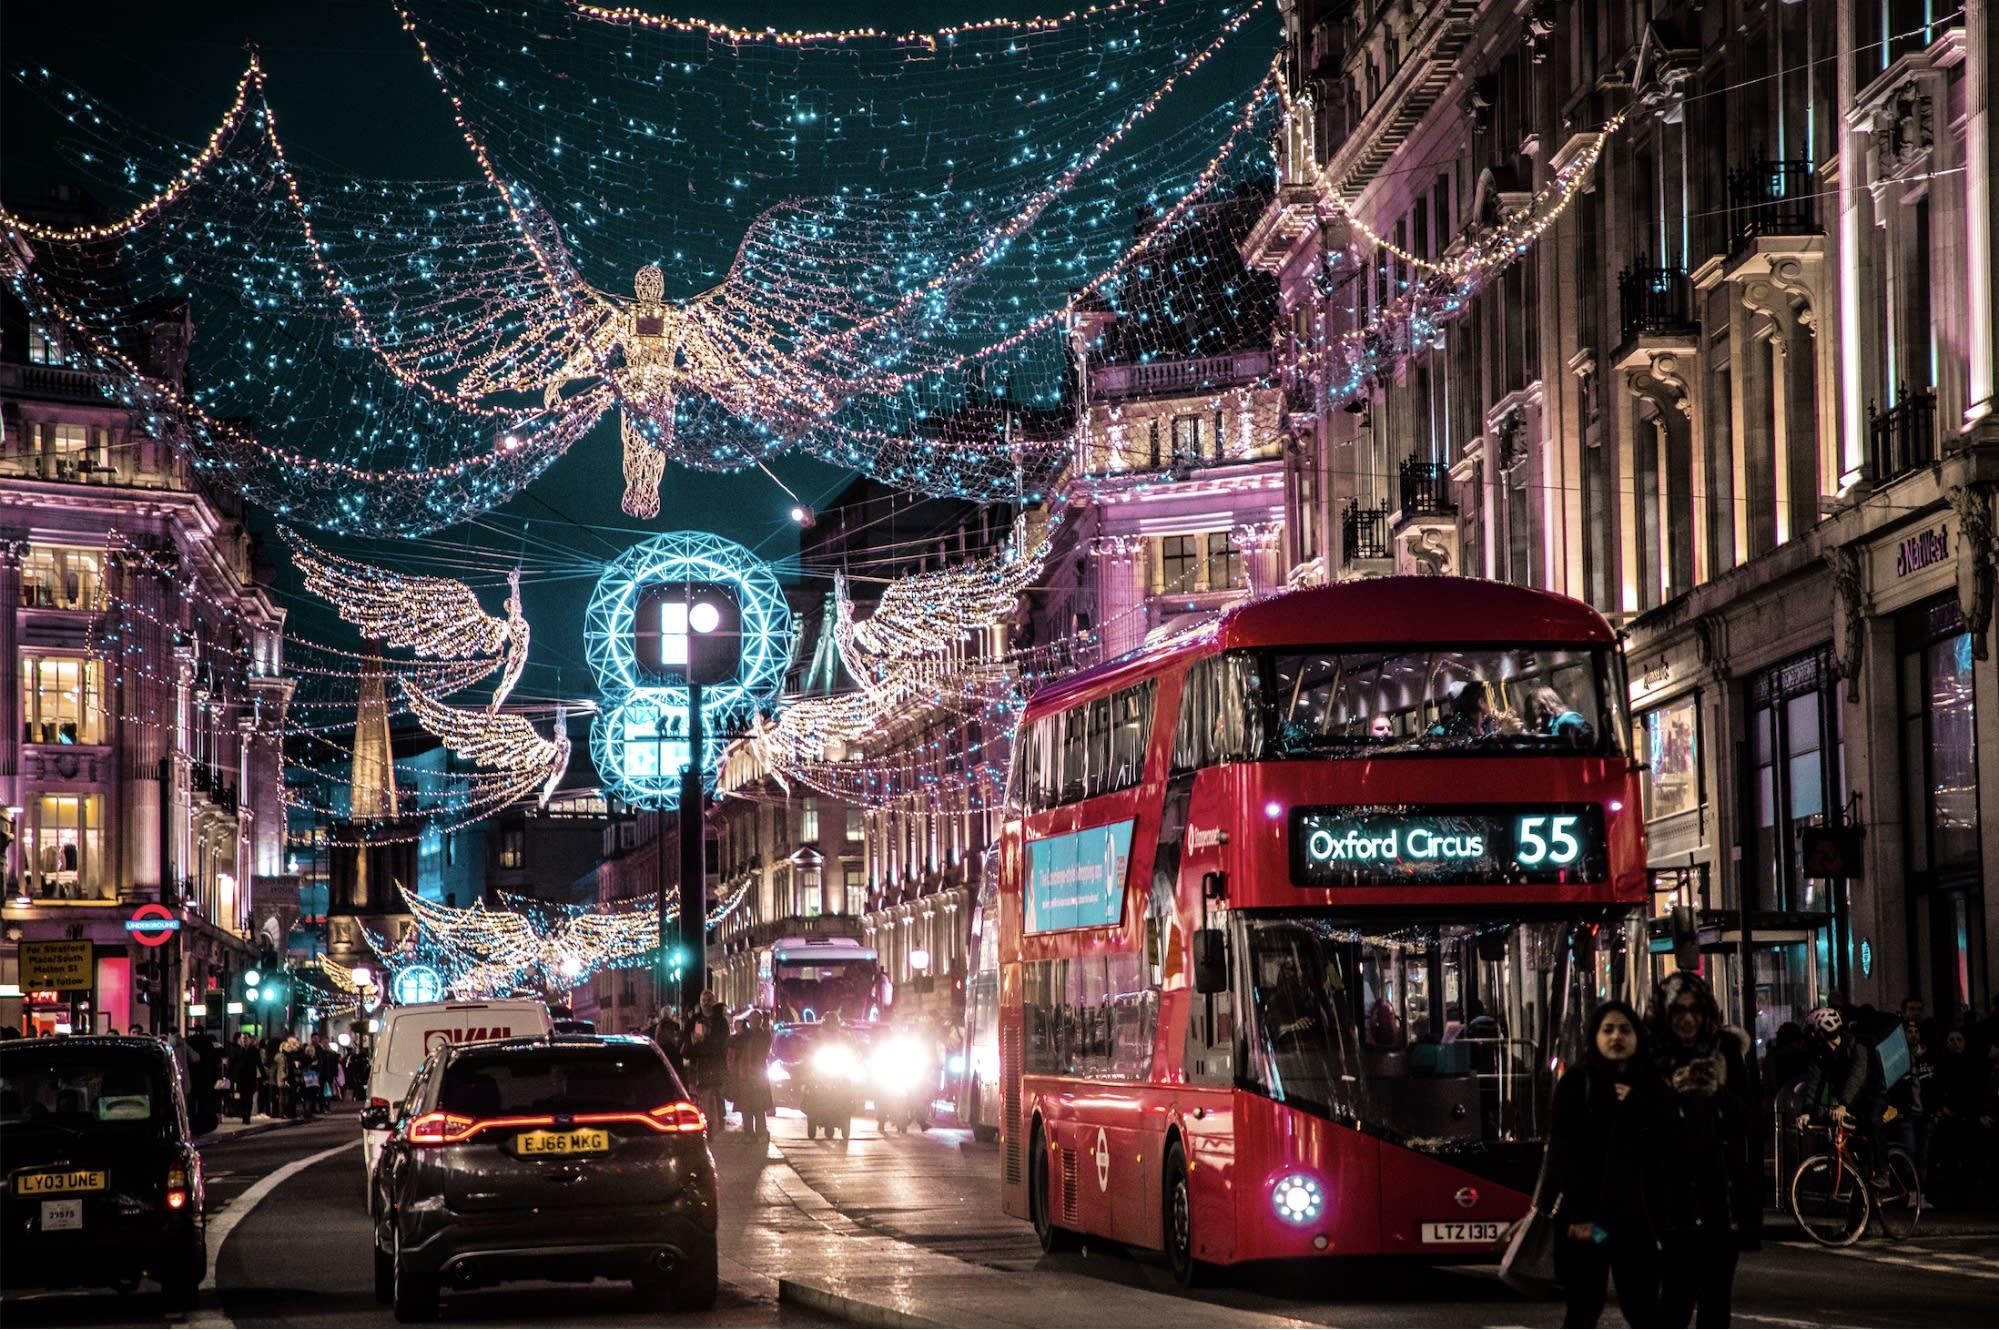 เที่ยวลอนดอน 5 วัน 4 คืน งบไม่ถึง 45,000 บาท